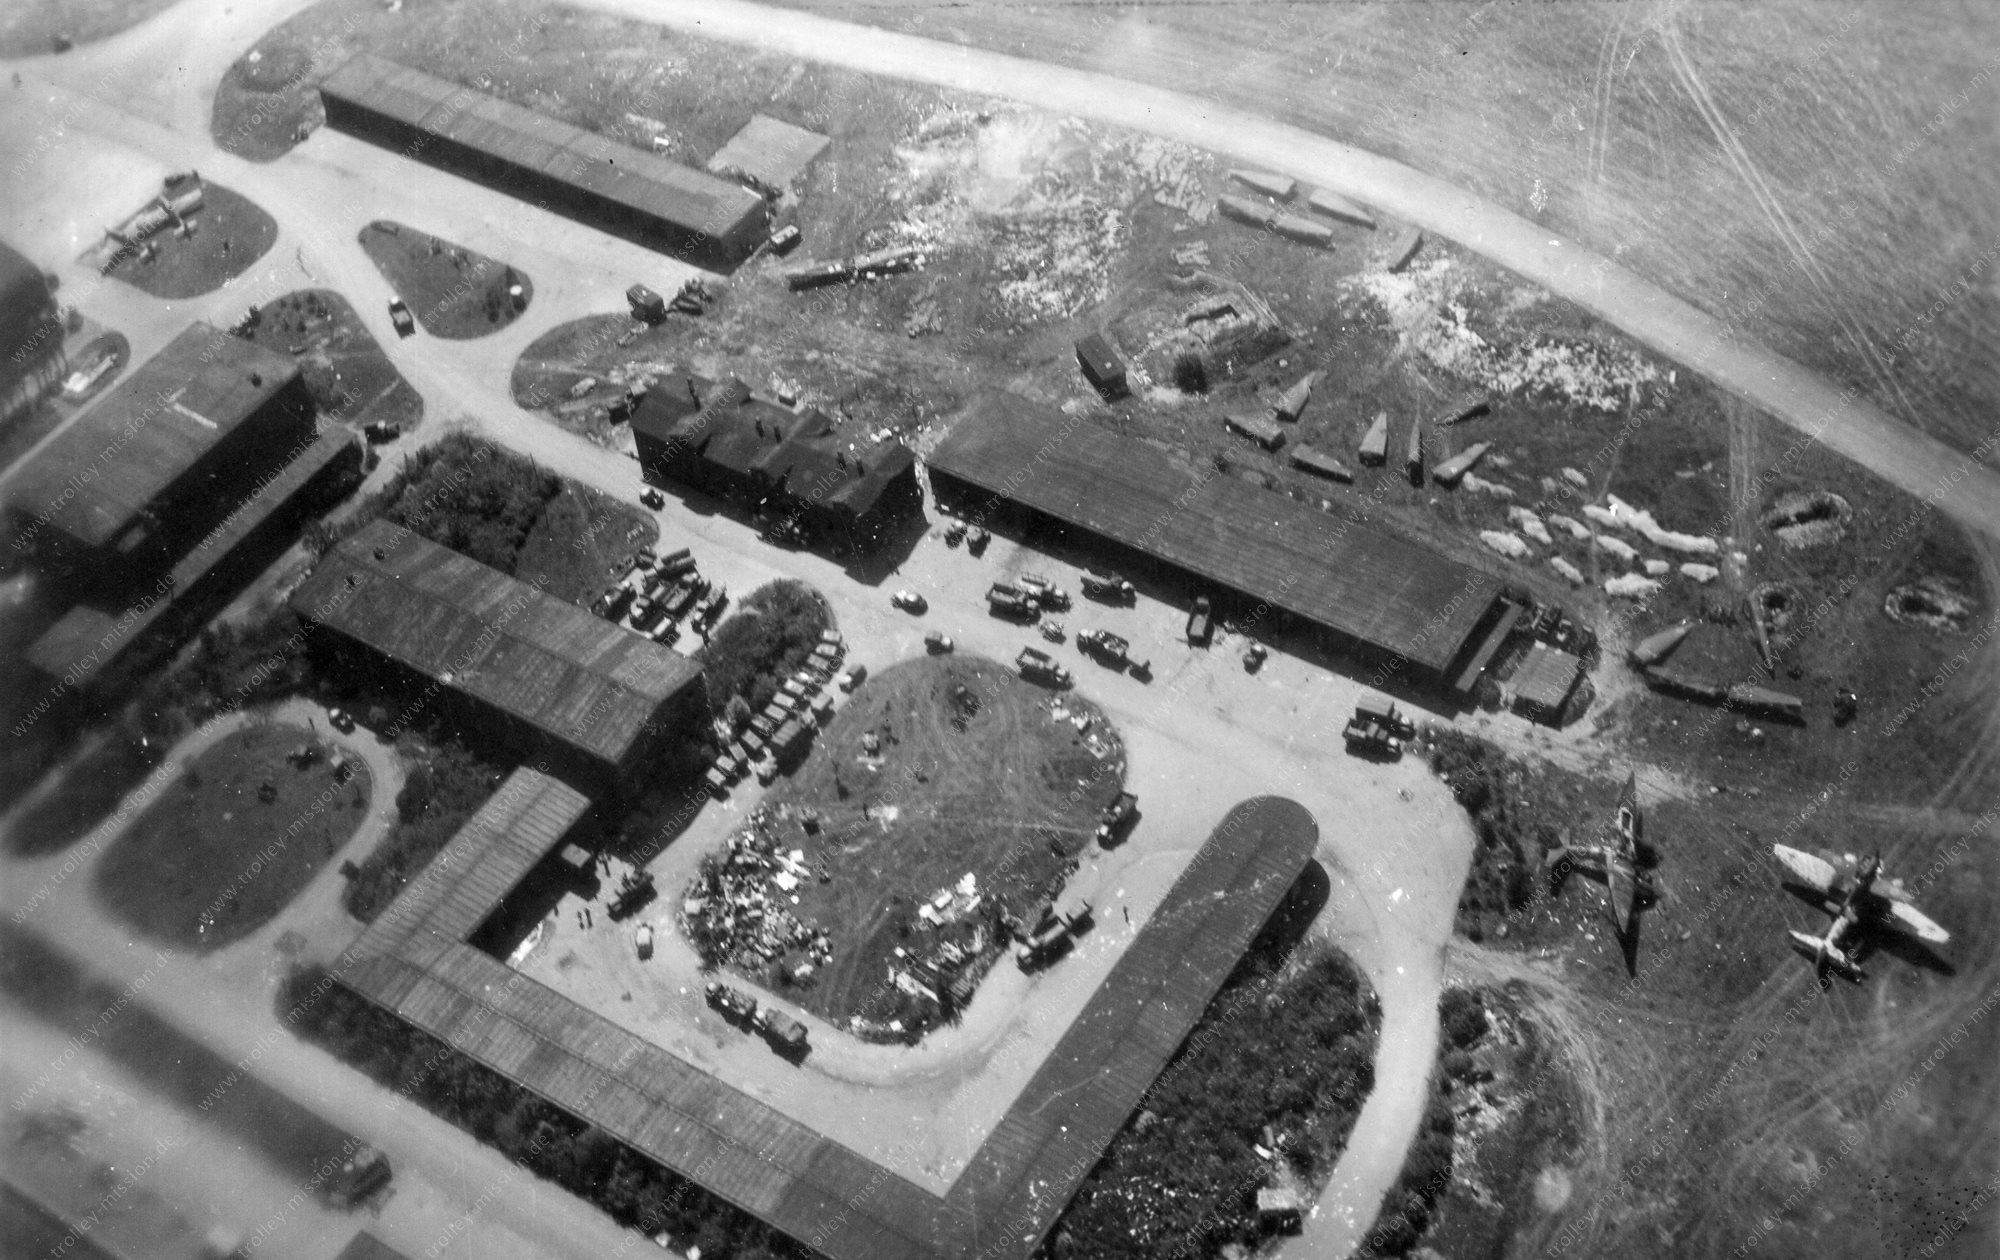 Unbekanntes Luftbild - Zweiter Weltkrieg - Flugplatz - Aerodrome